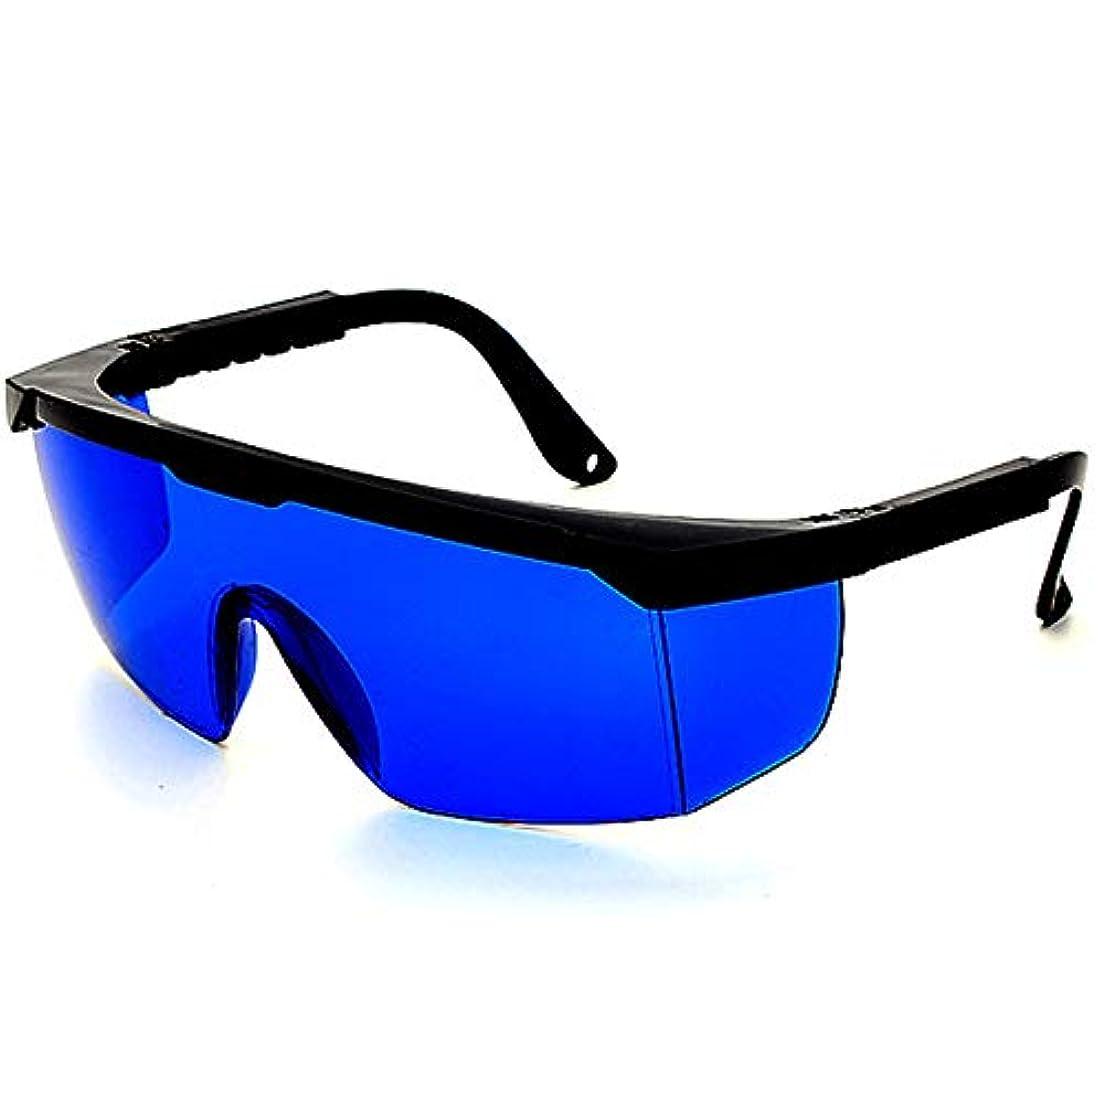 練習した自動的に狂ったレーザー保護メガネIPL美容機器メガネ、レーザーメガネ - 2組のパルス光保護メガネ。